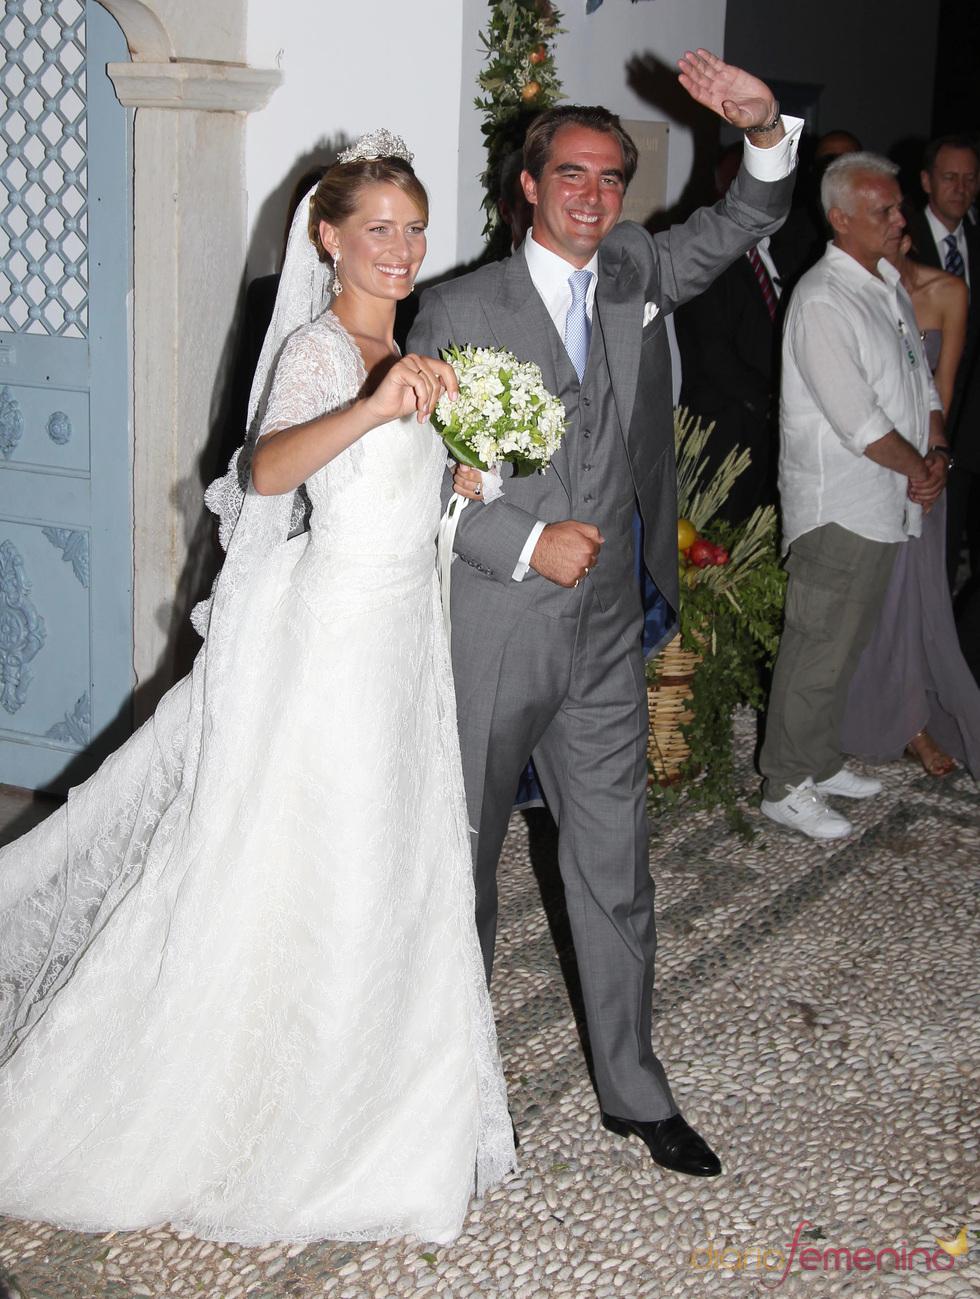 La boda real de Nicolás de Grecia y Tatiana Blatnik